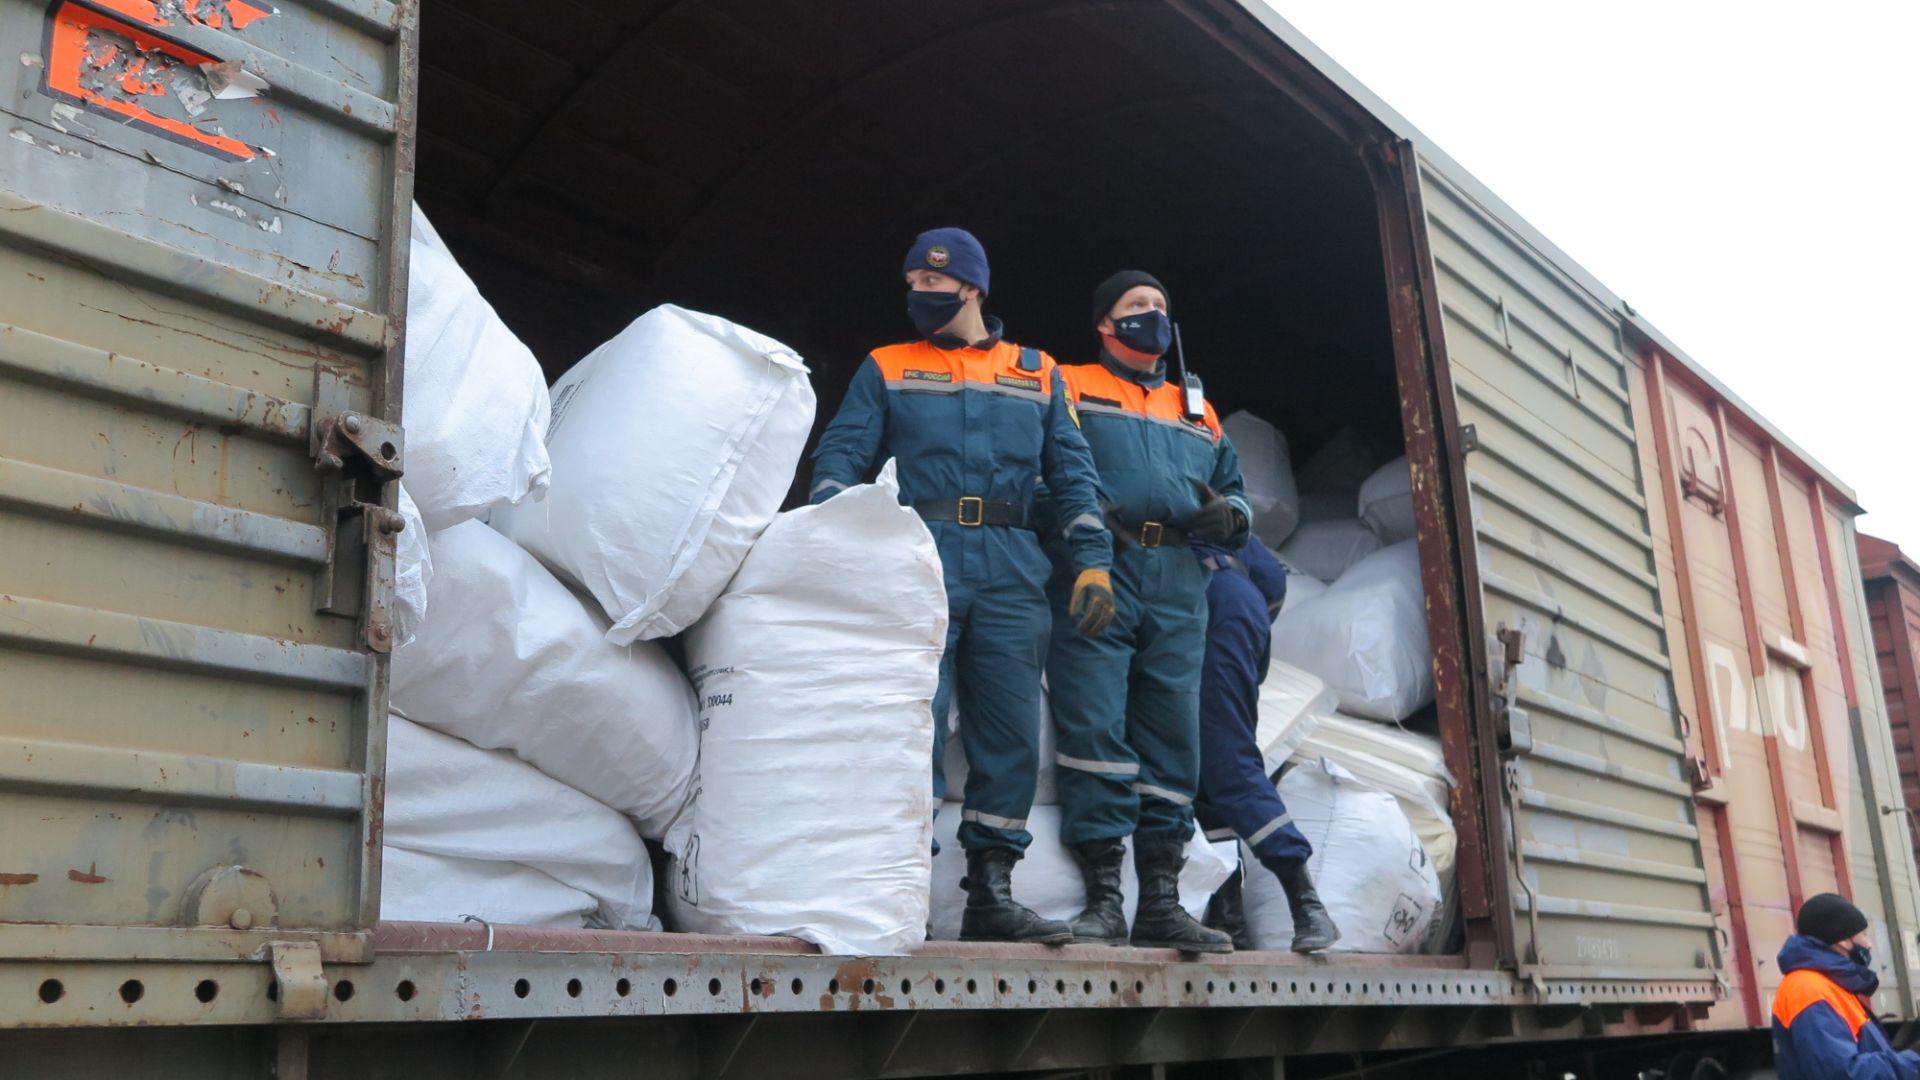 Доставка гуманитарной помощи жителям Нагорного Карабаха продолжается